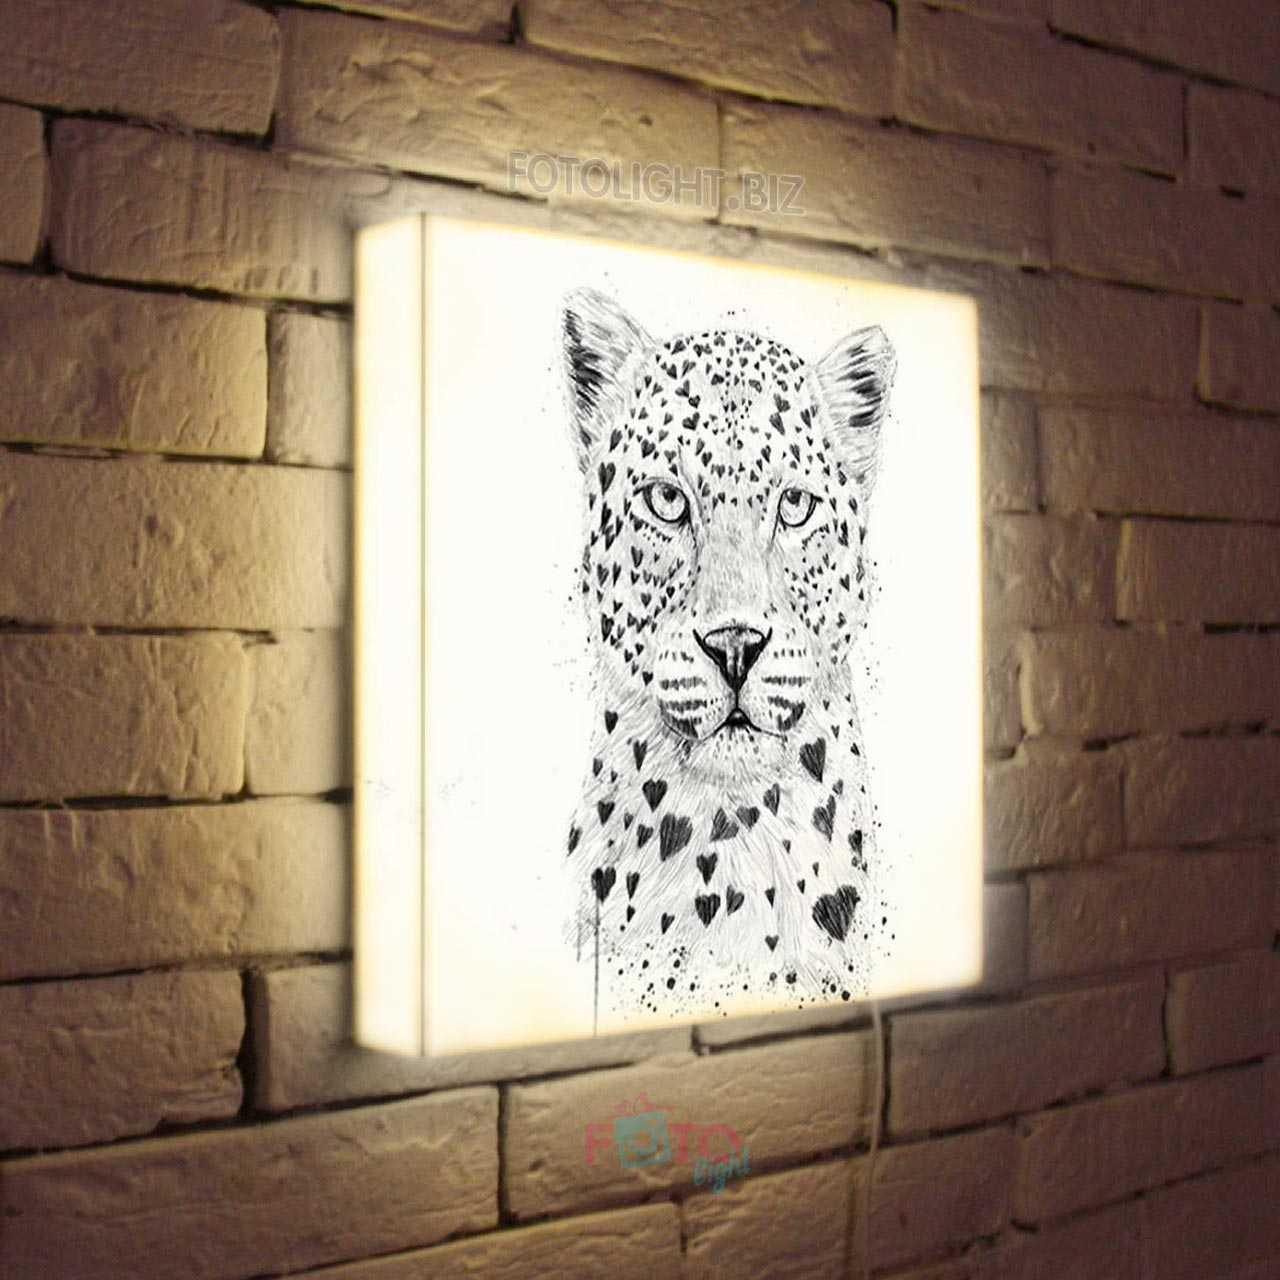 этой сделать светильник с фотографией на стену фотографиям бобтейлов